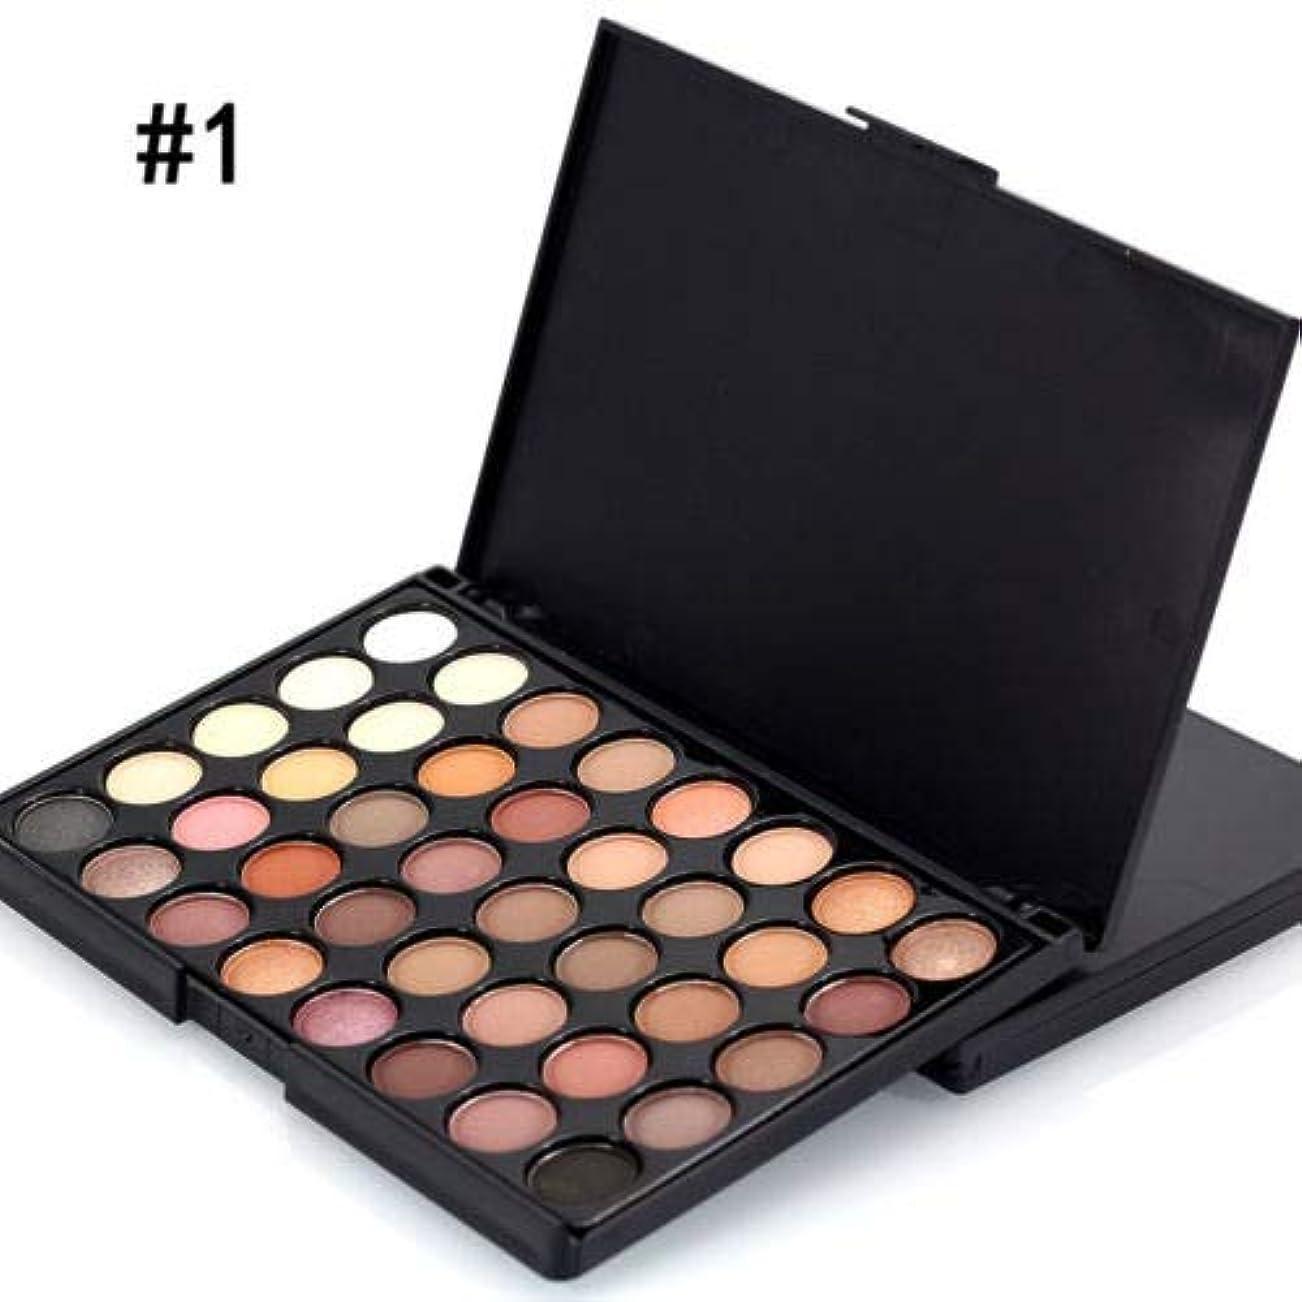 思いつく下線ふけるFidgetGear 40色化粧品パウダーアイシャドーアイシャドーパレットメイクアップシマーセットマット #1